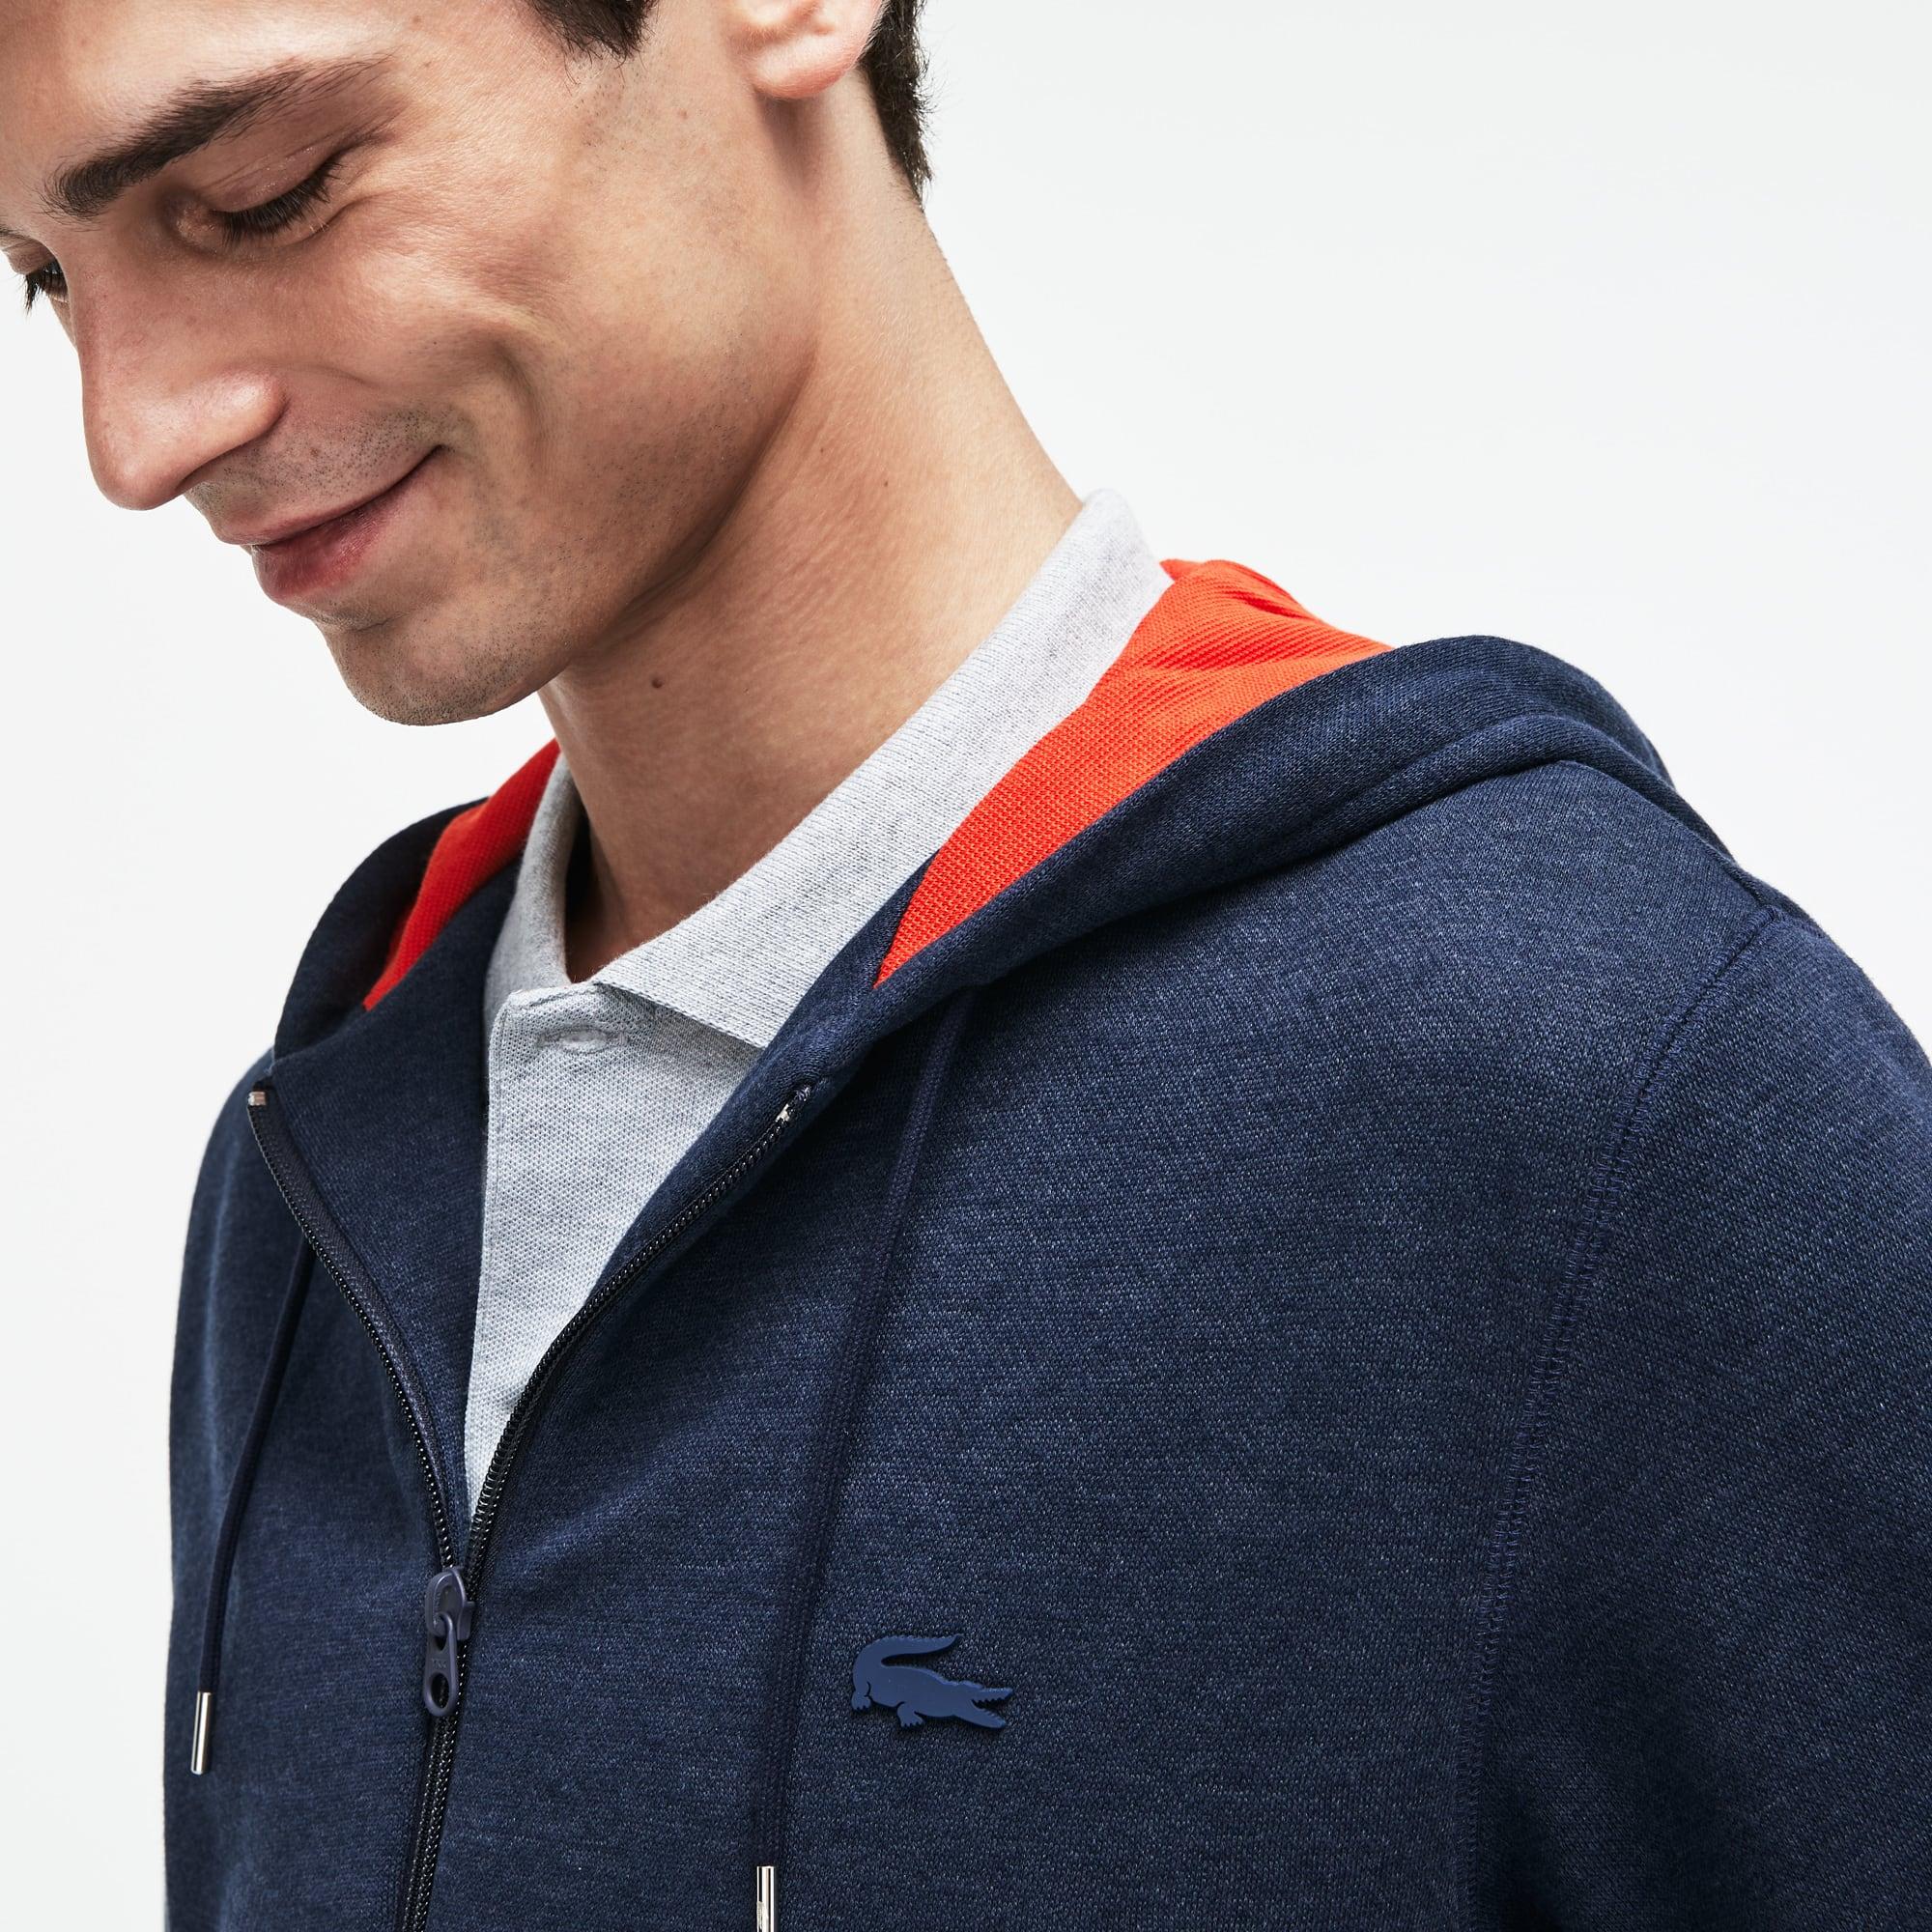 Herren-Sweatshirt LACOSTE MOTION aus Fleece mit Kapuze